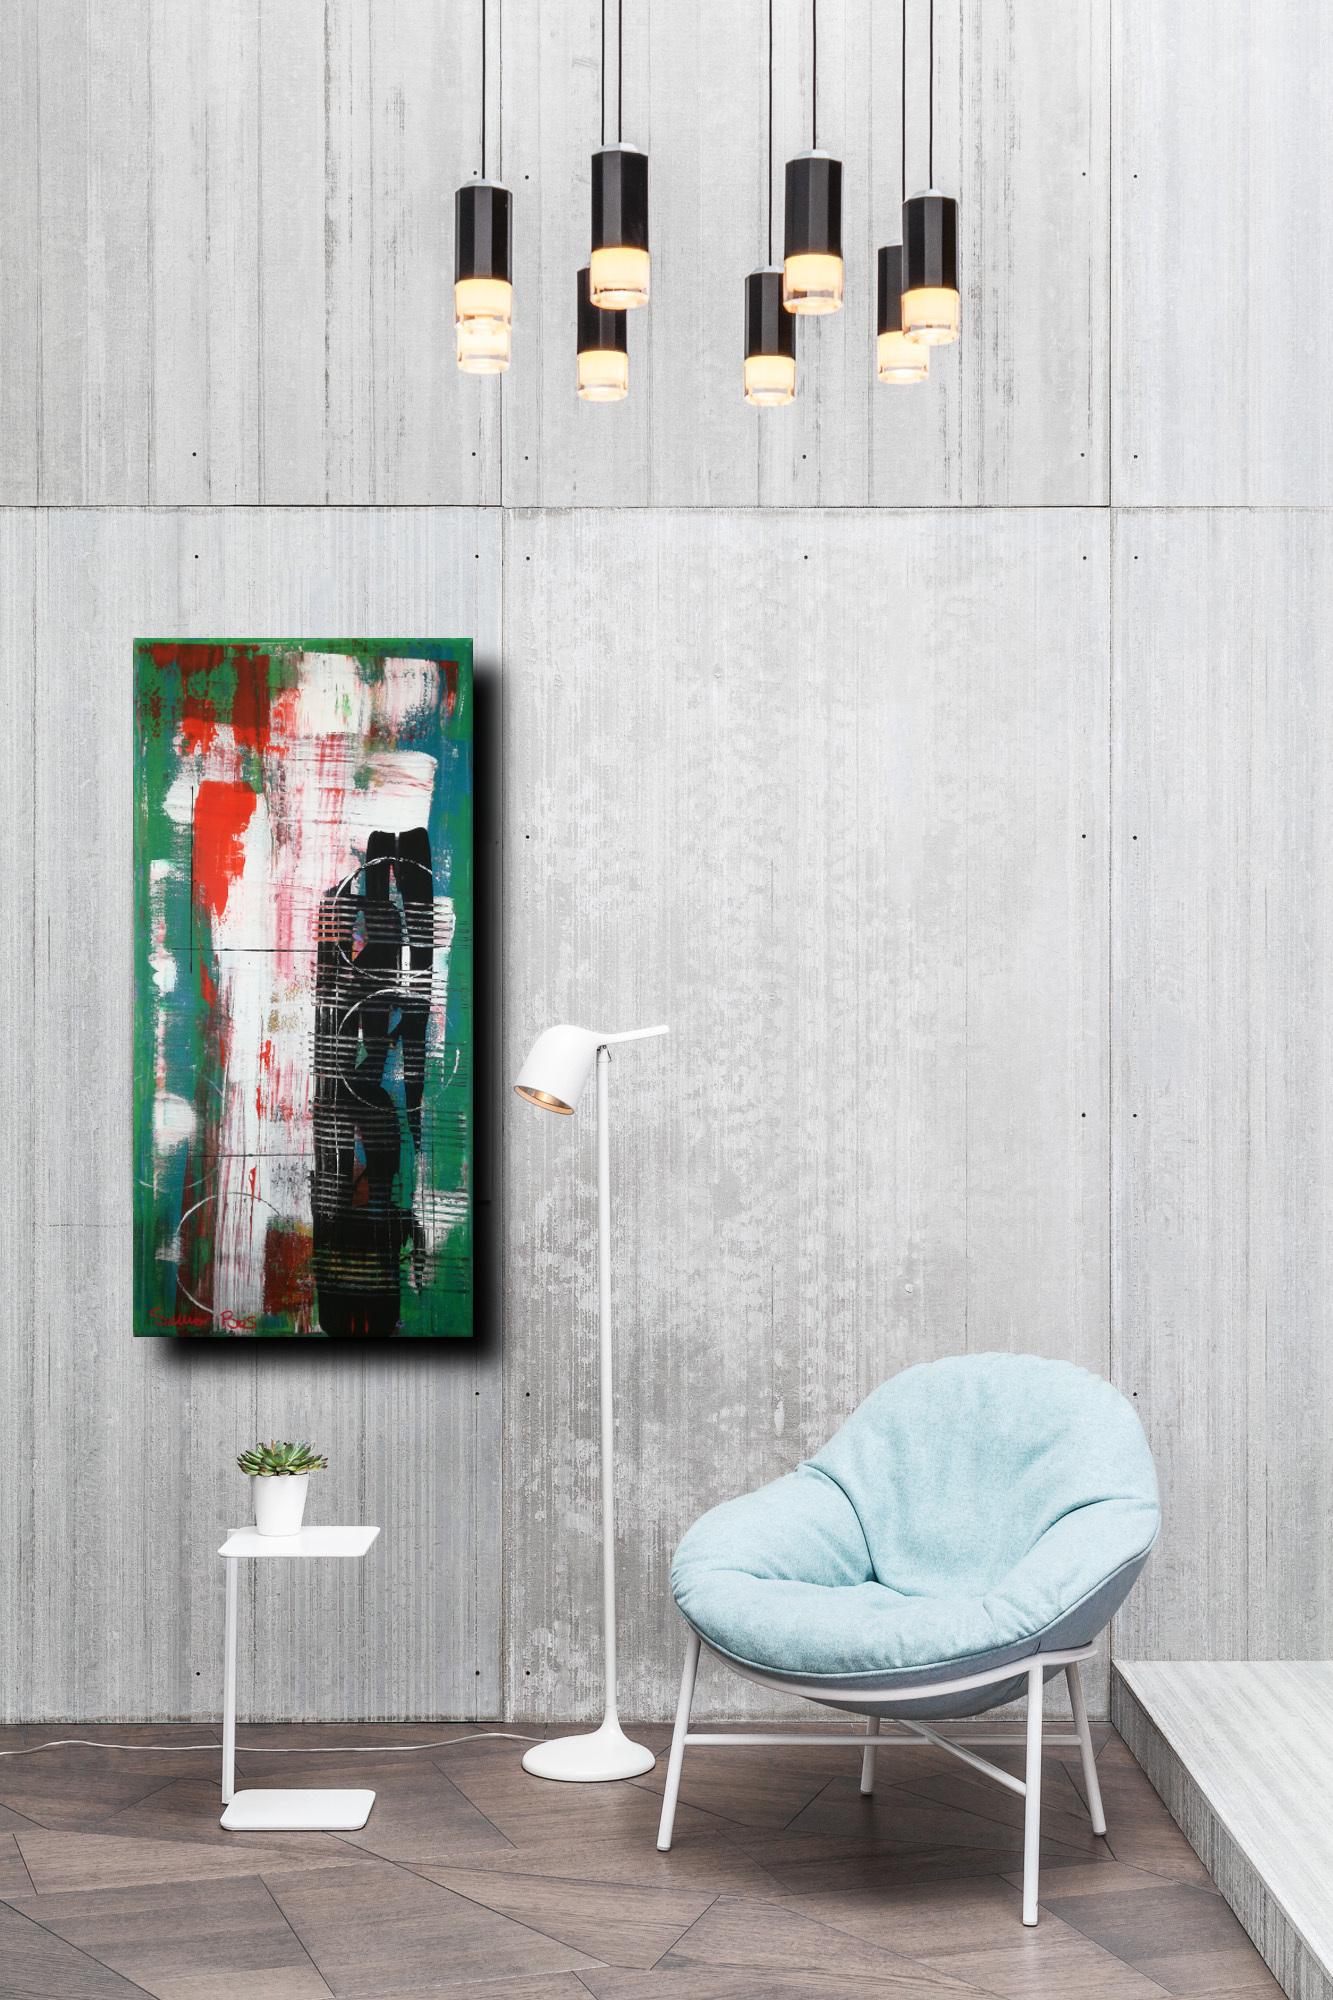 astratto c031 sofa - dipinti astratti fatti a mano 70x35olio su tela